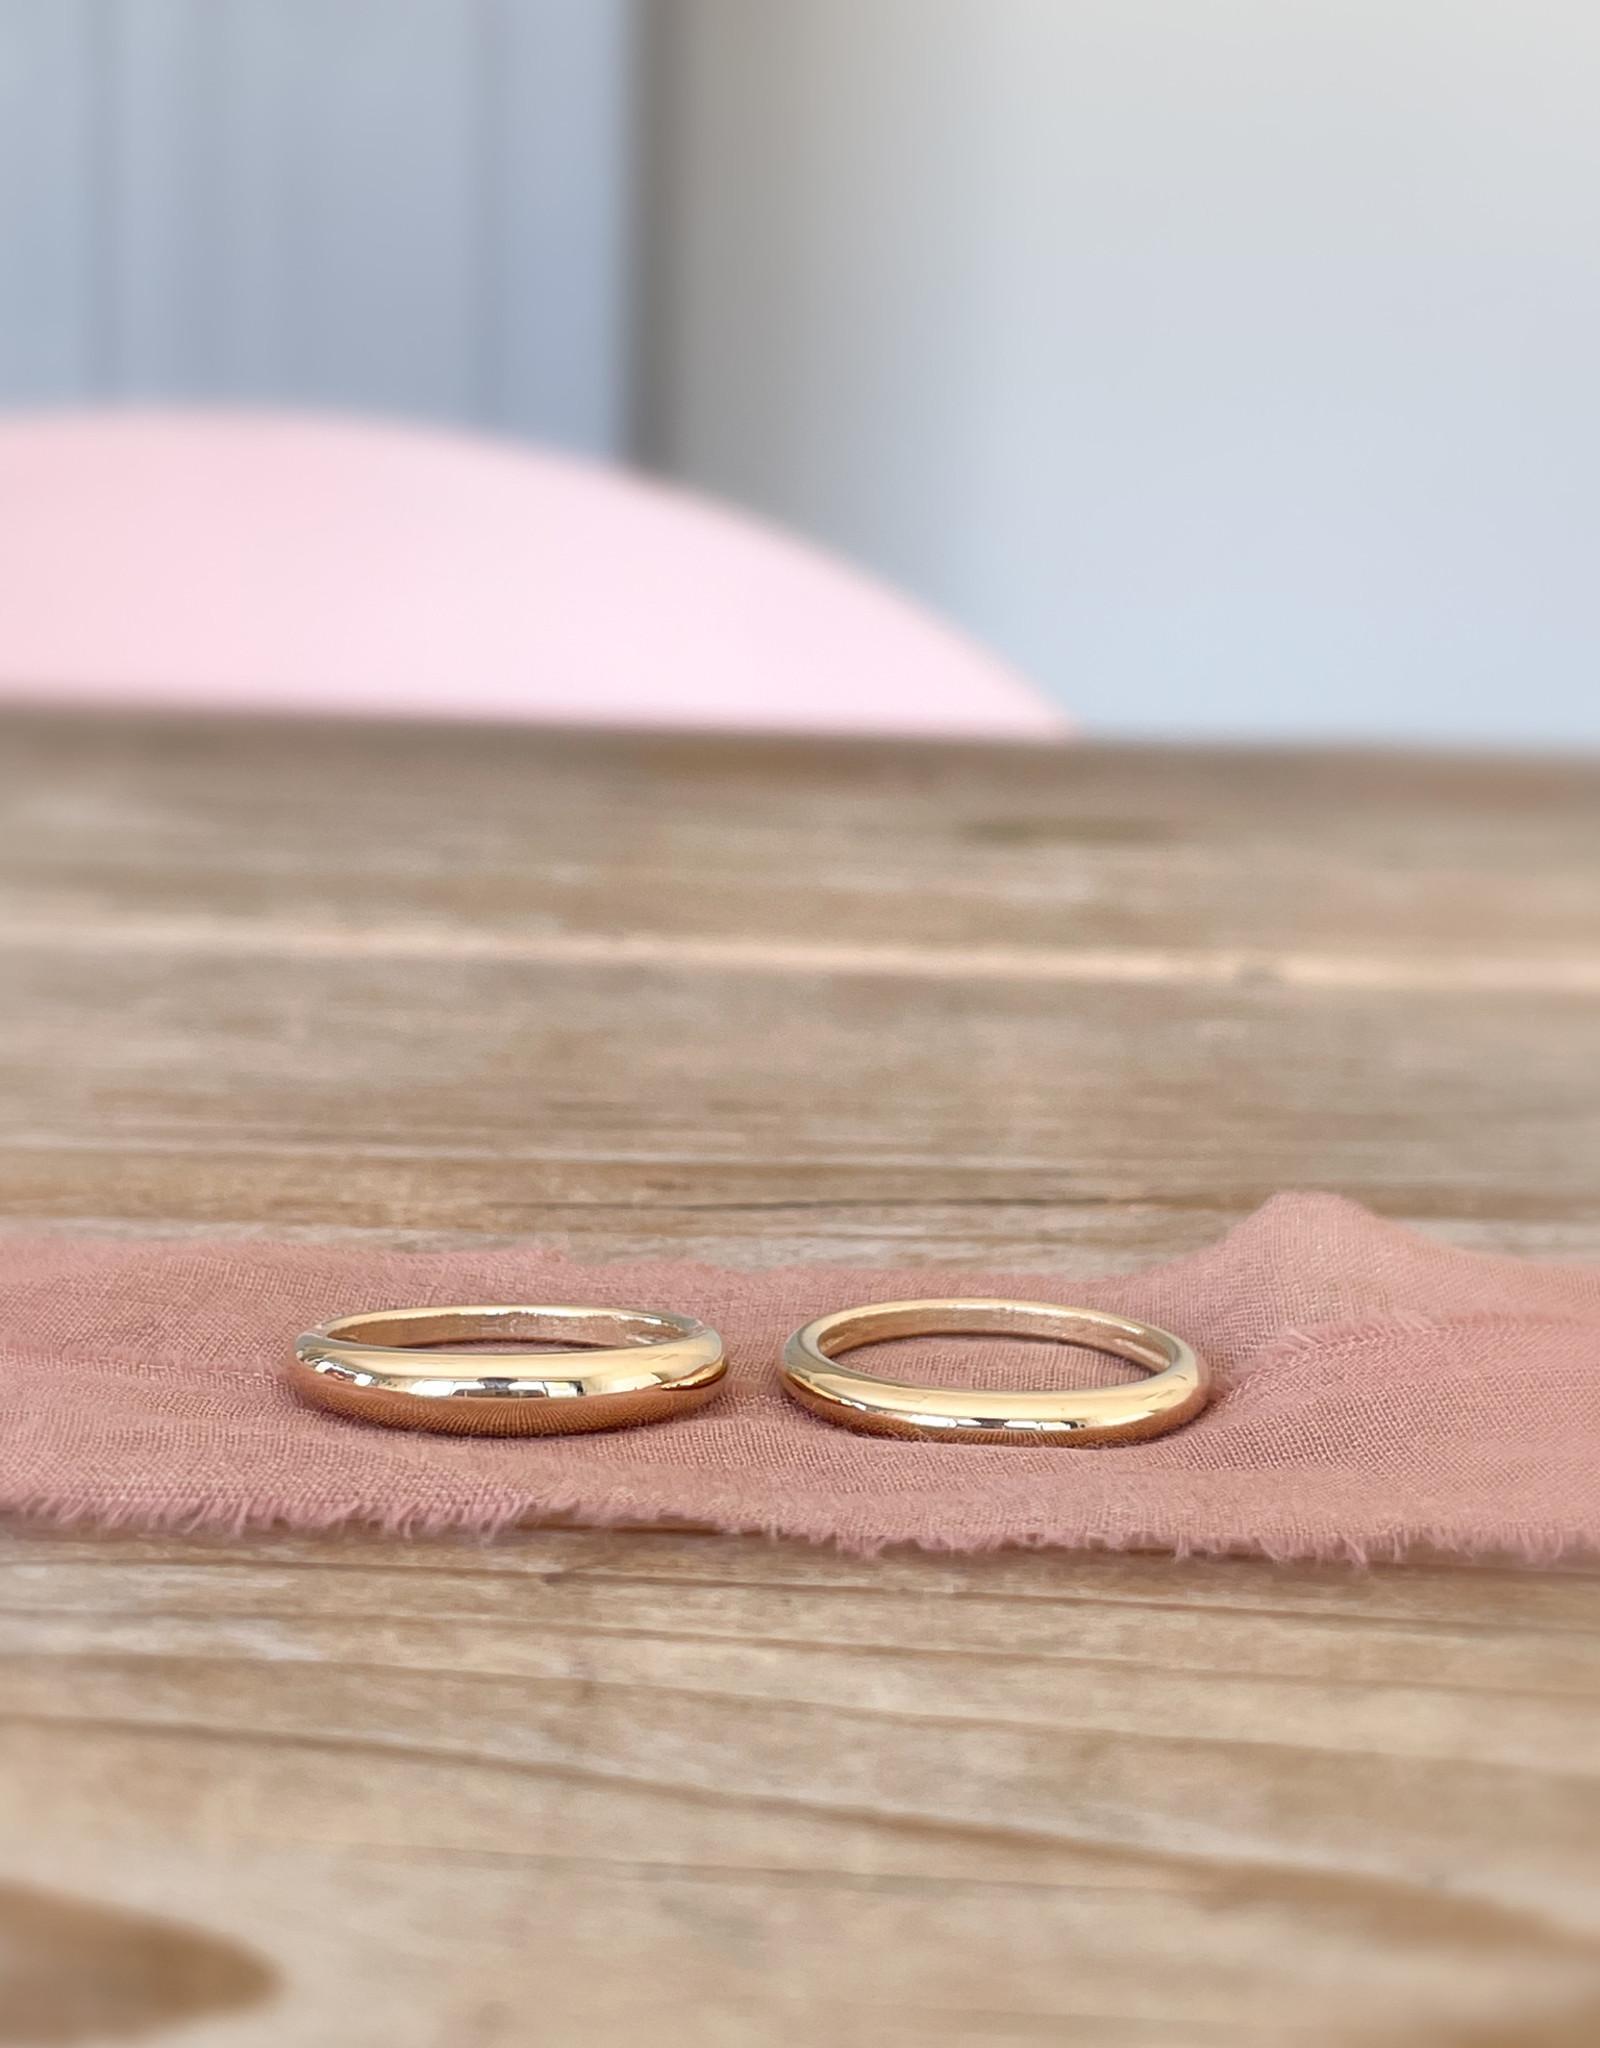 Atelier Maison The Bold One - geel, wit en rosé goud